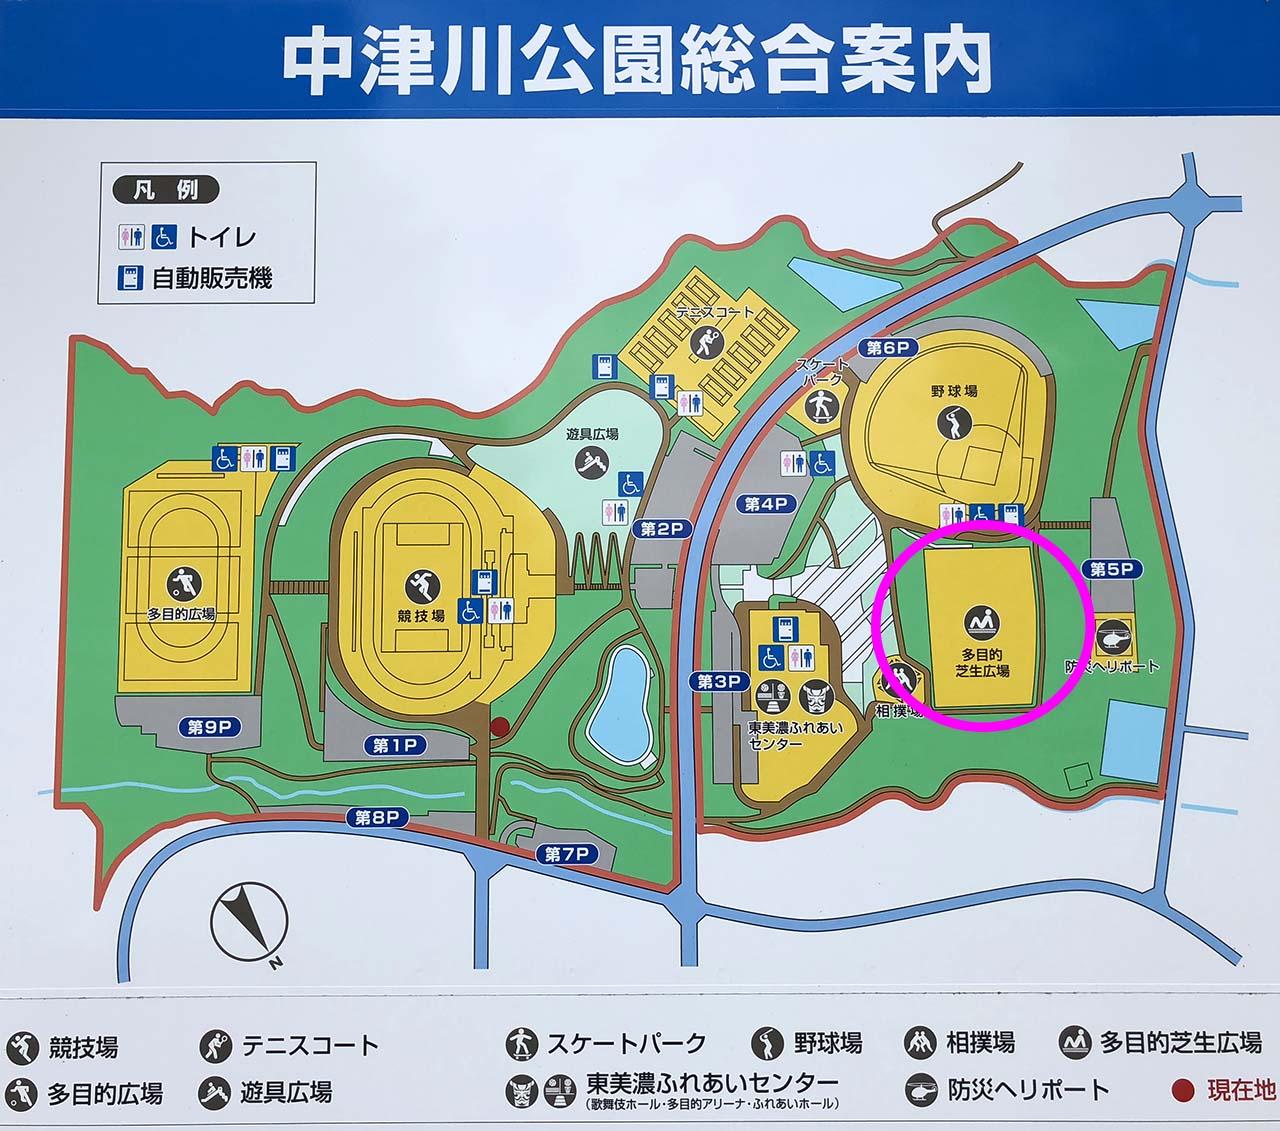 中津川公園の総合案内多目的芝生広場